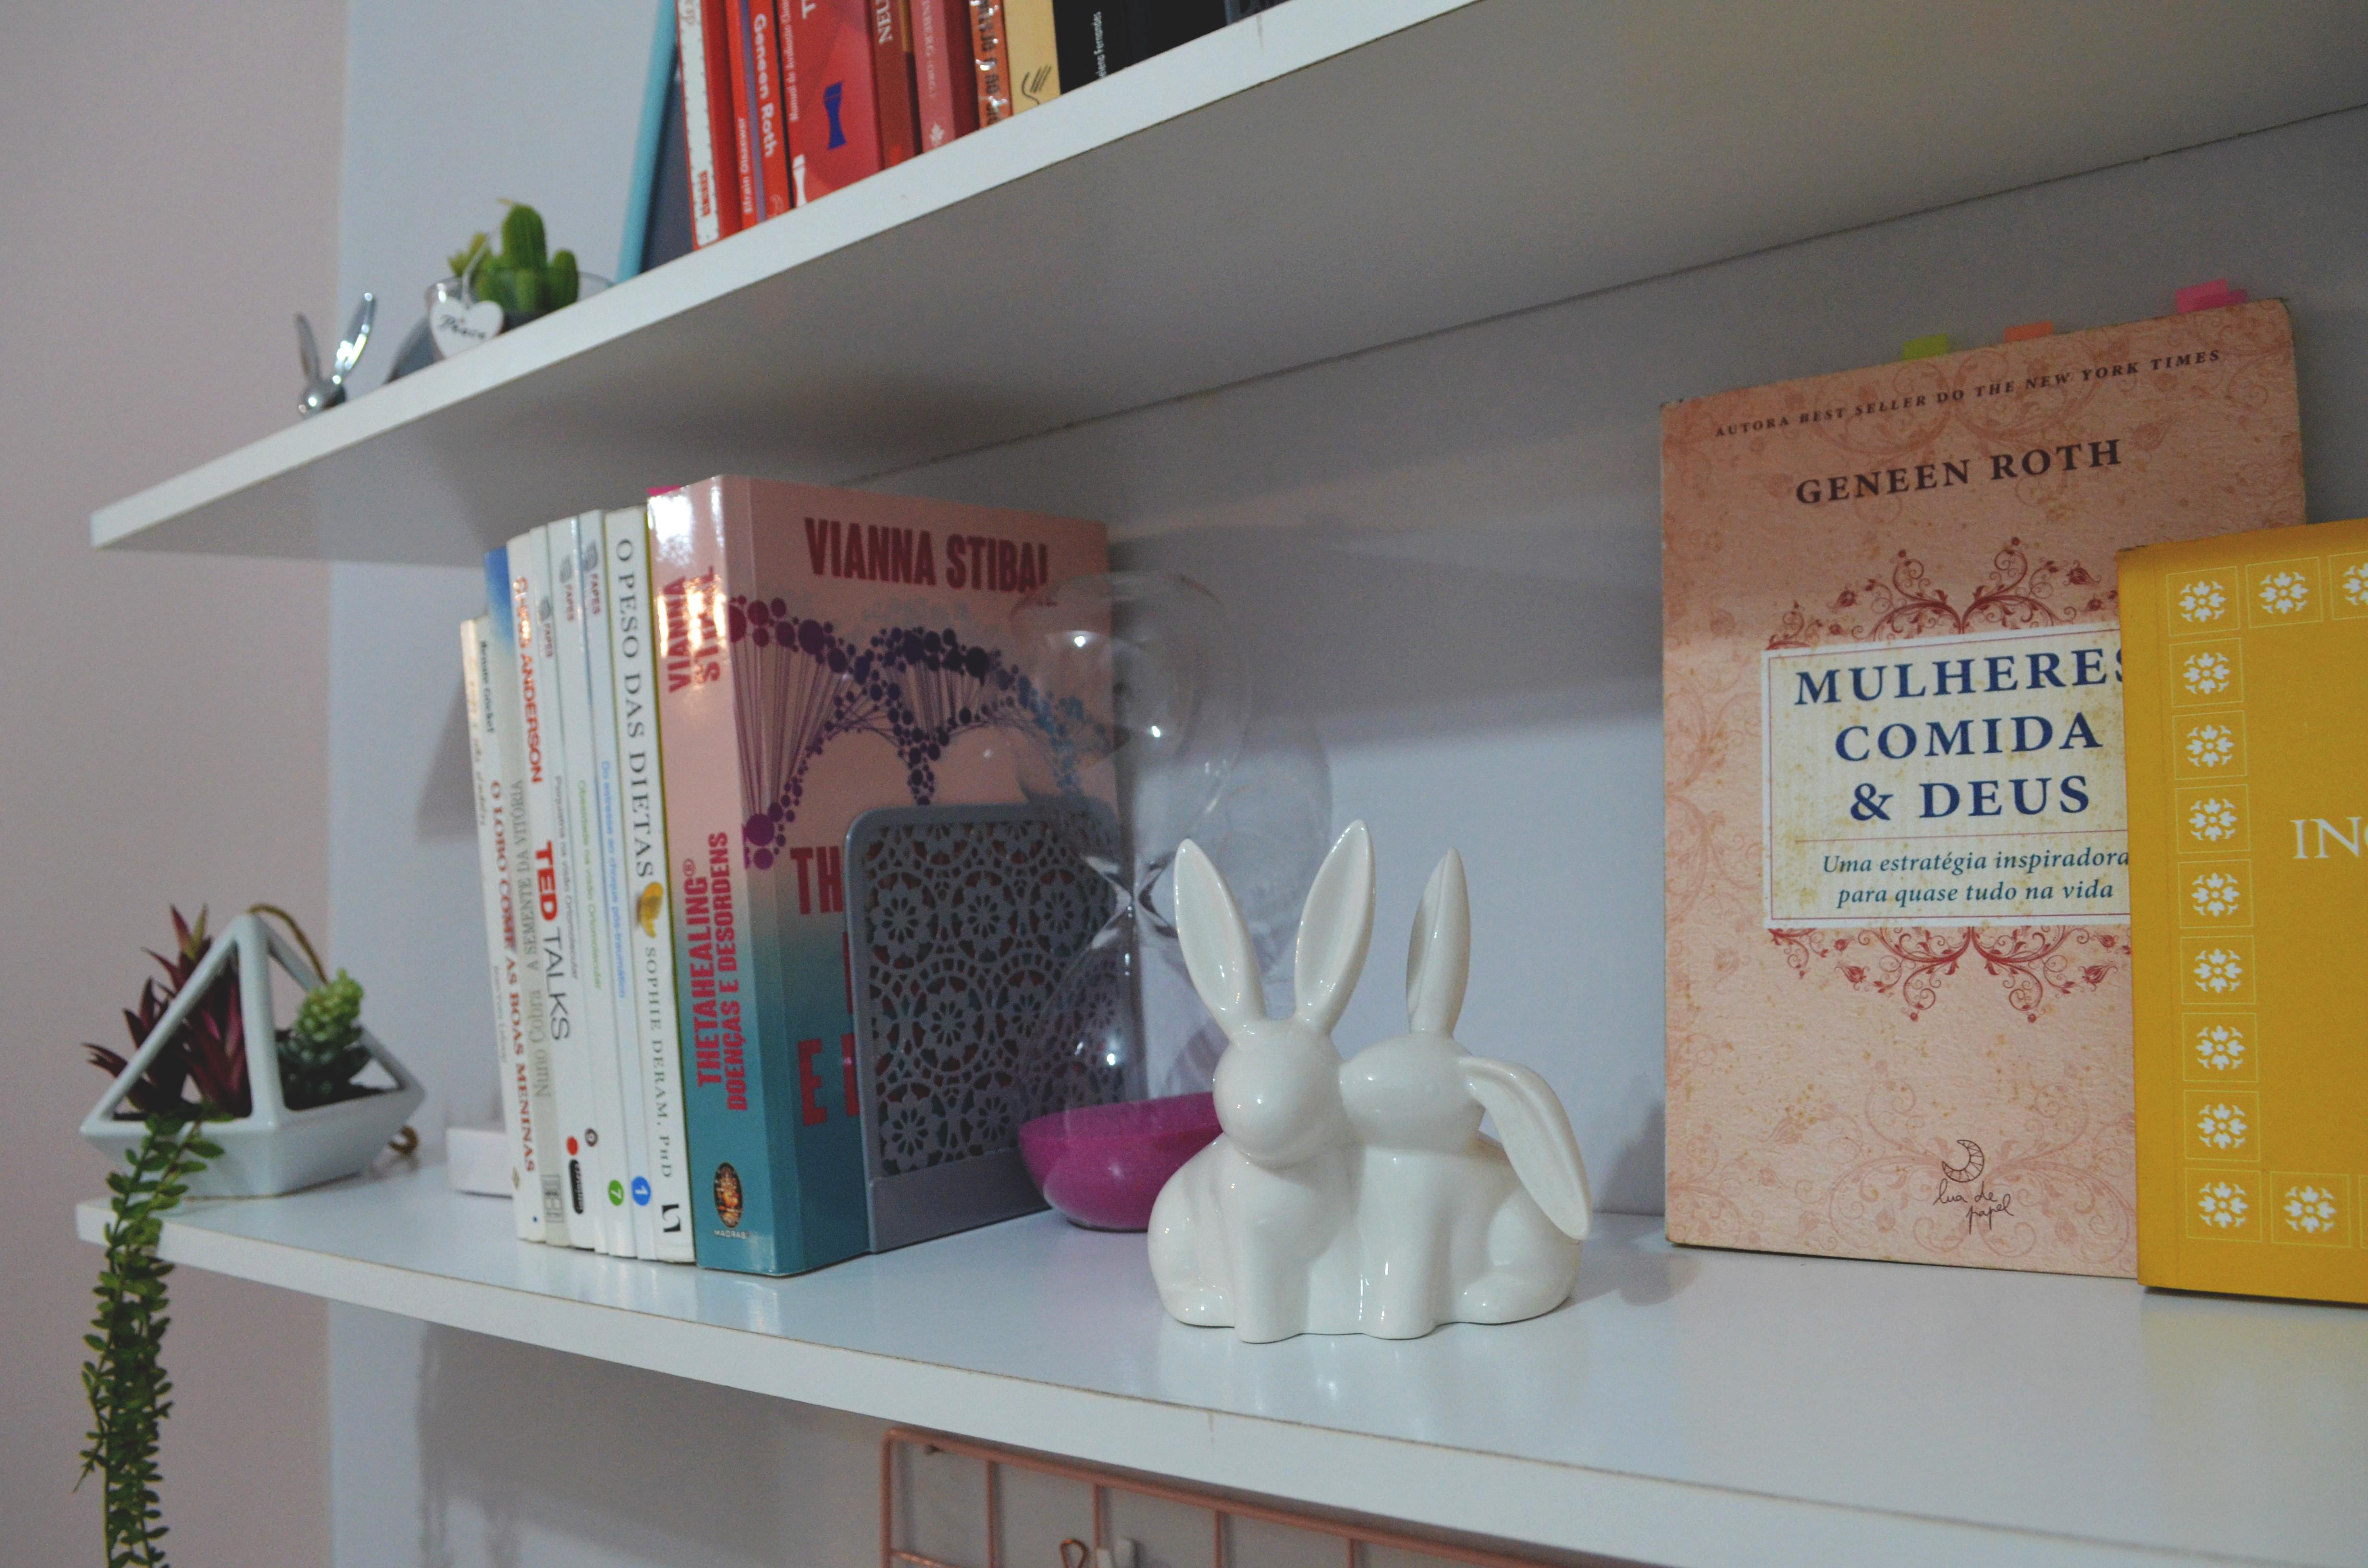 Nutricionista Cassia - Leitura complementar - Consultório Santo André